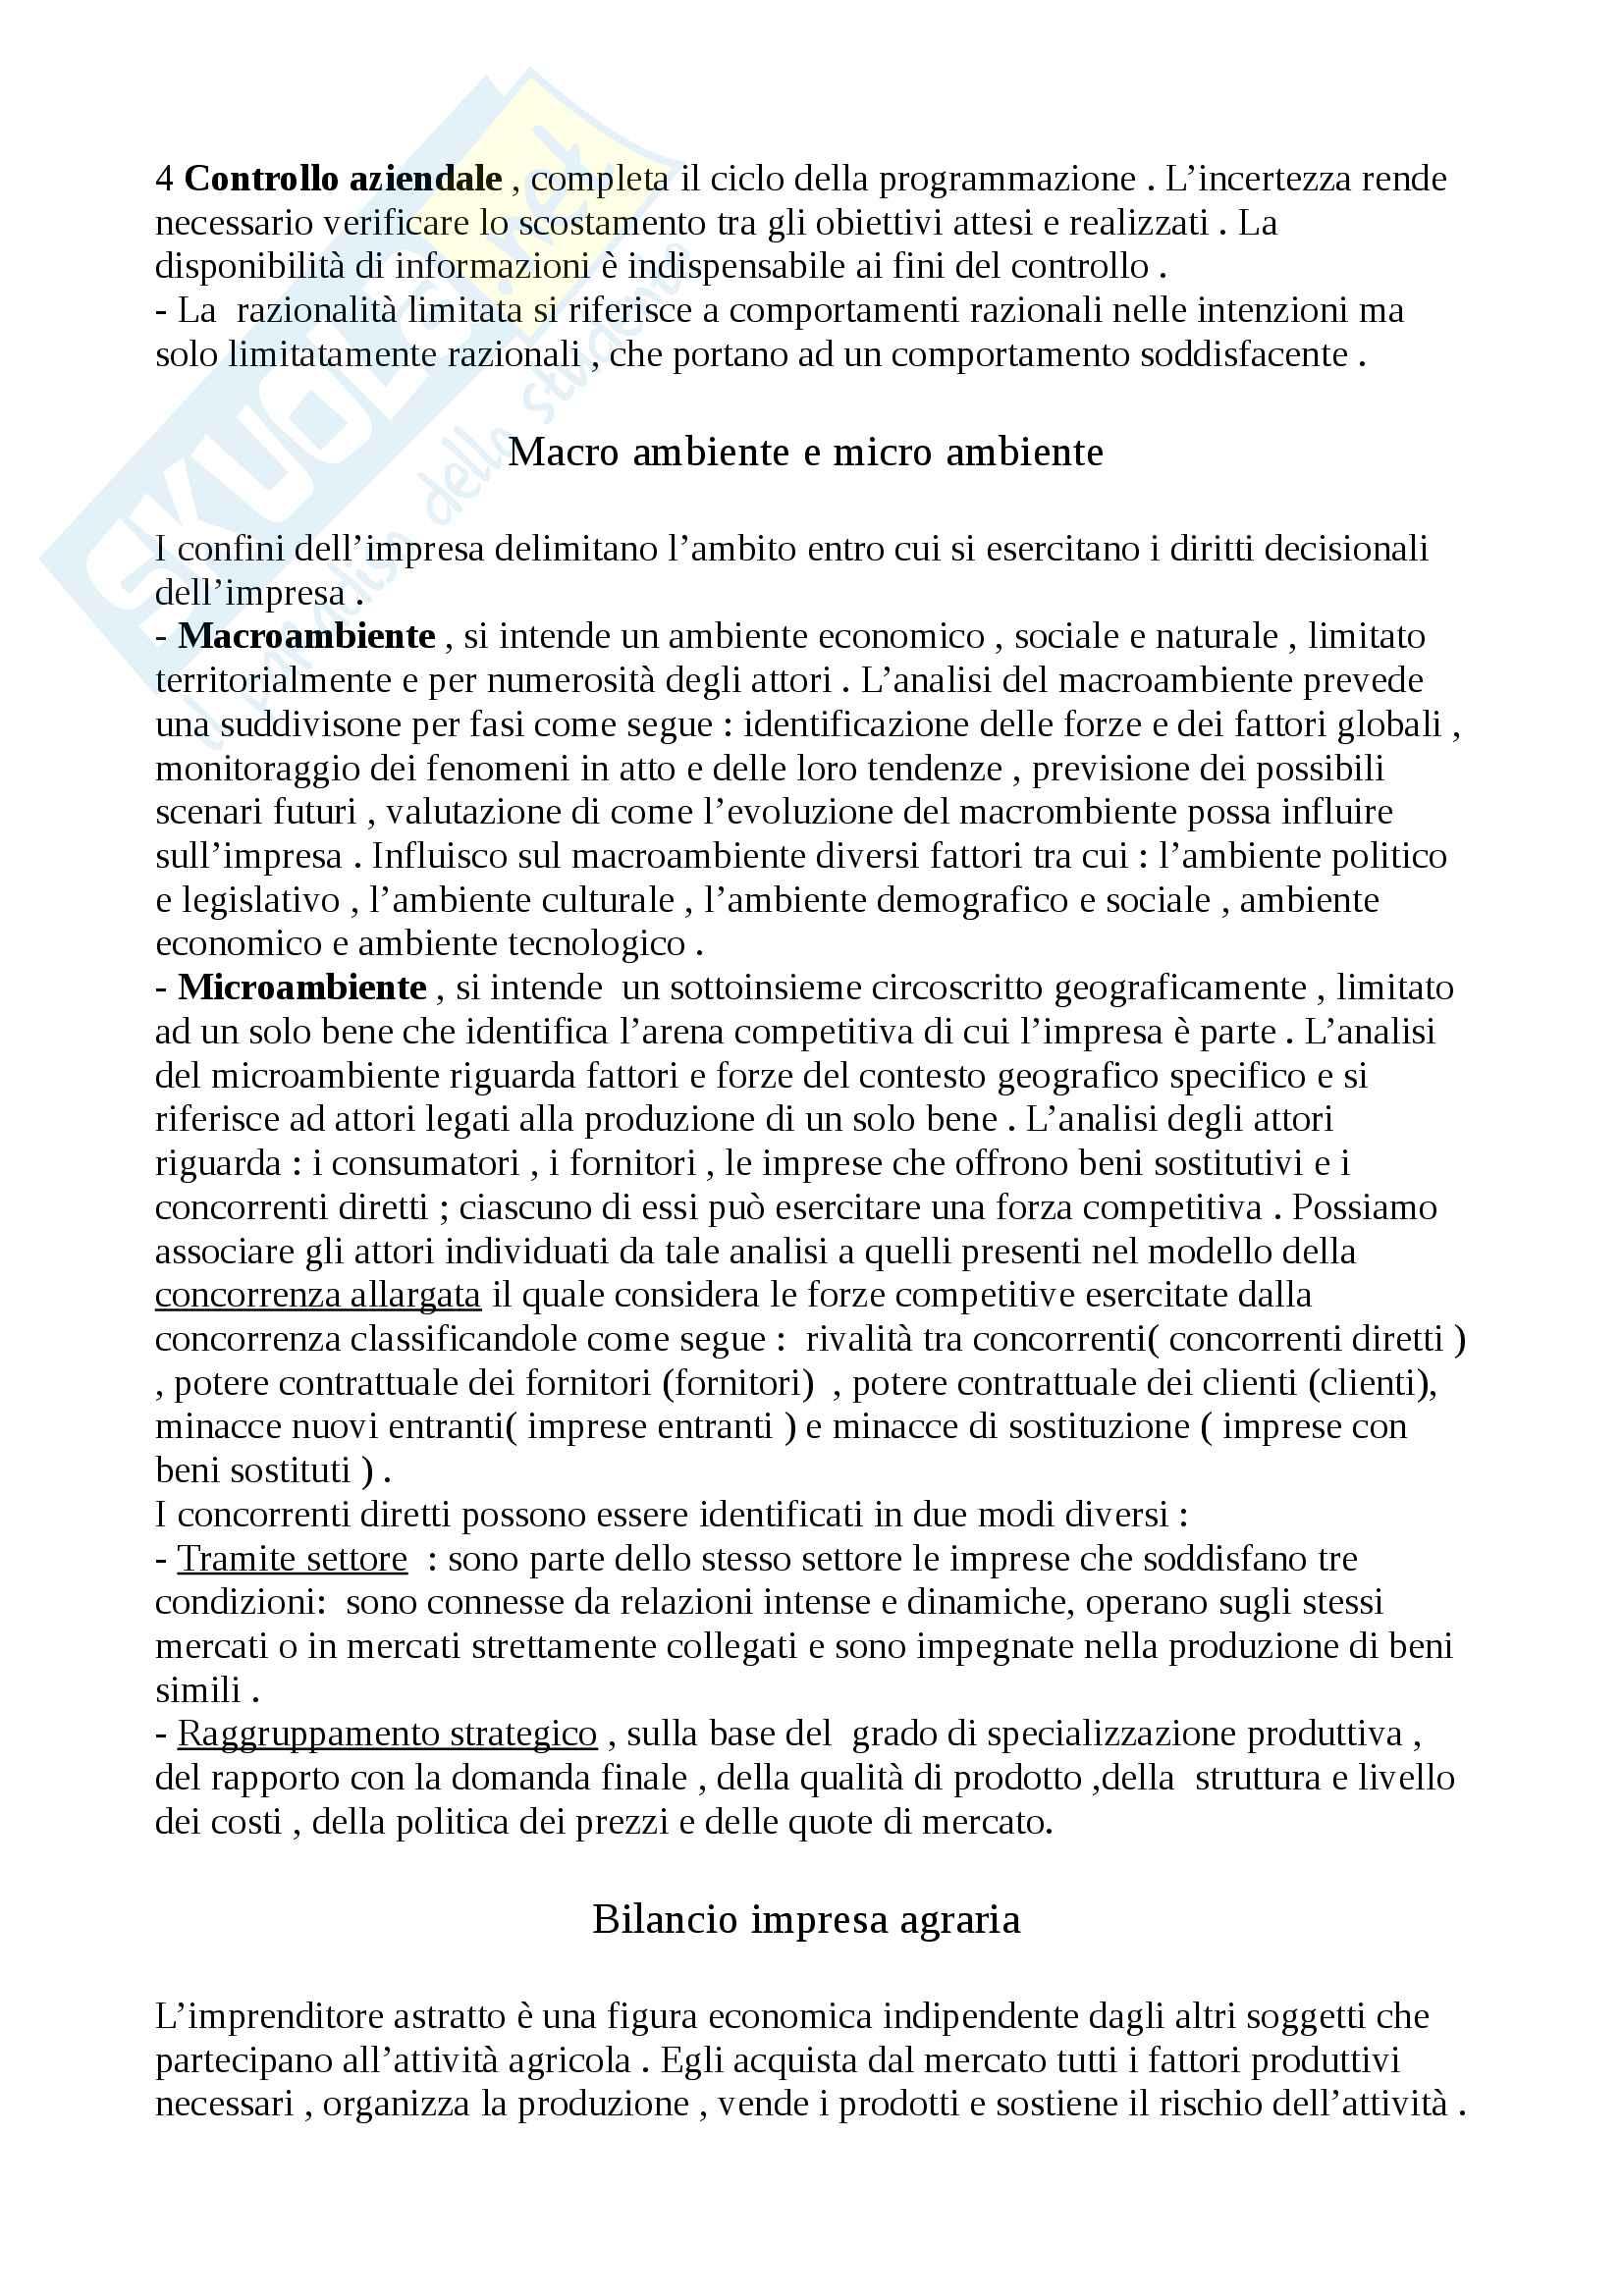 Riassunto esame di Economia agraria, Prof.Gaetano Martino Pag. 6